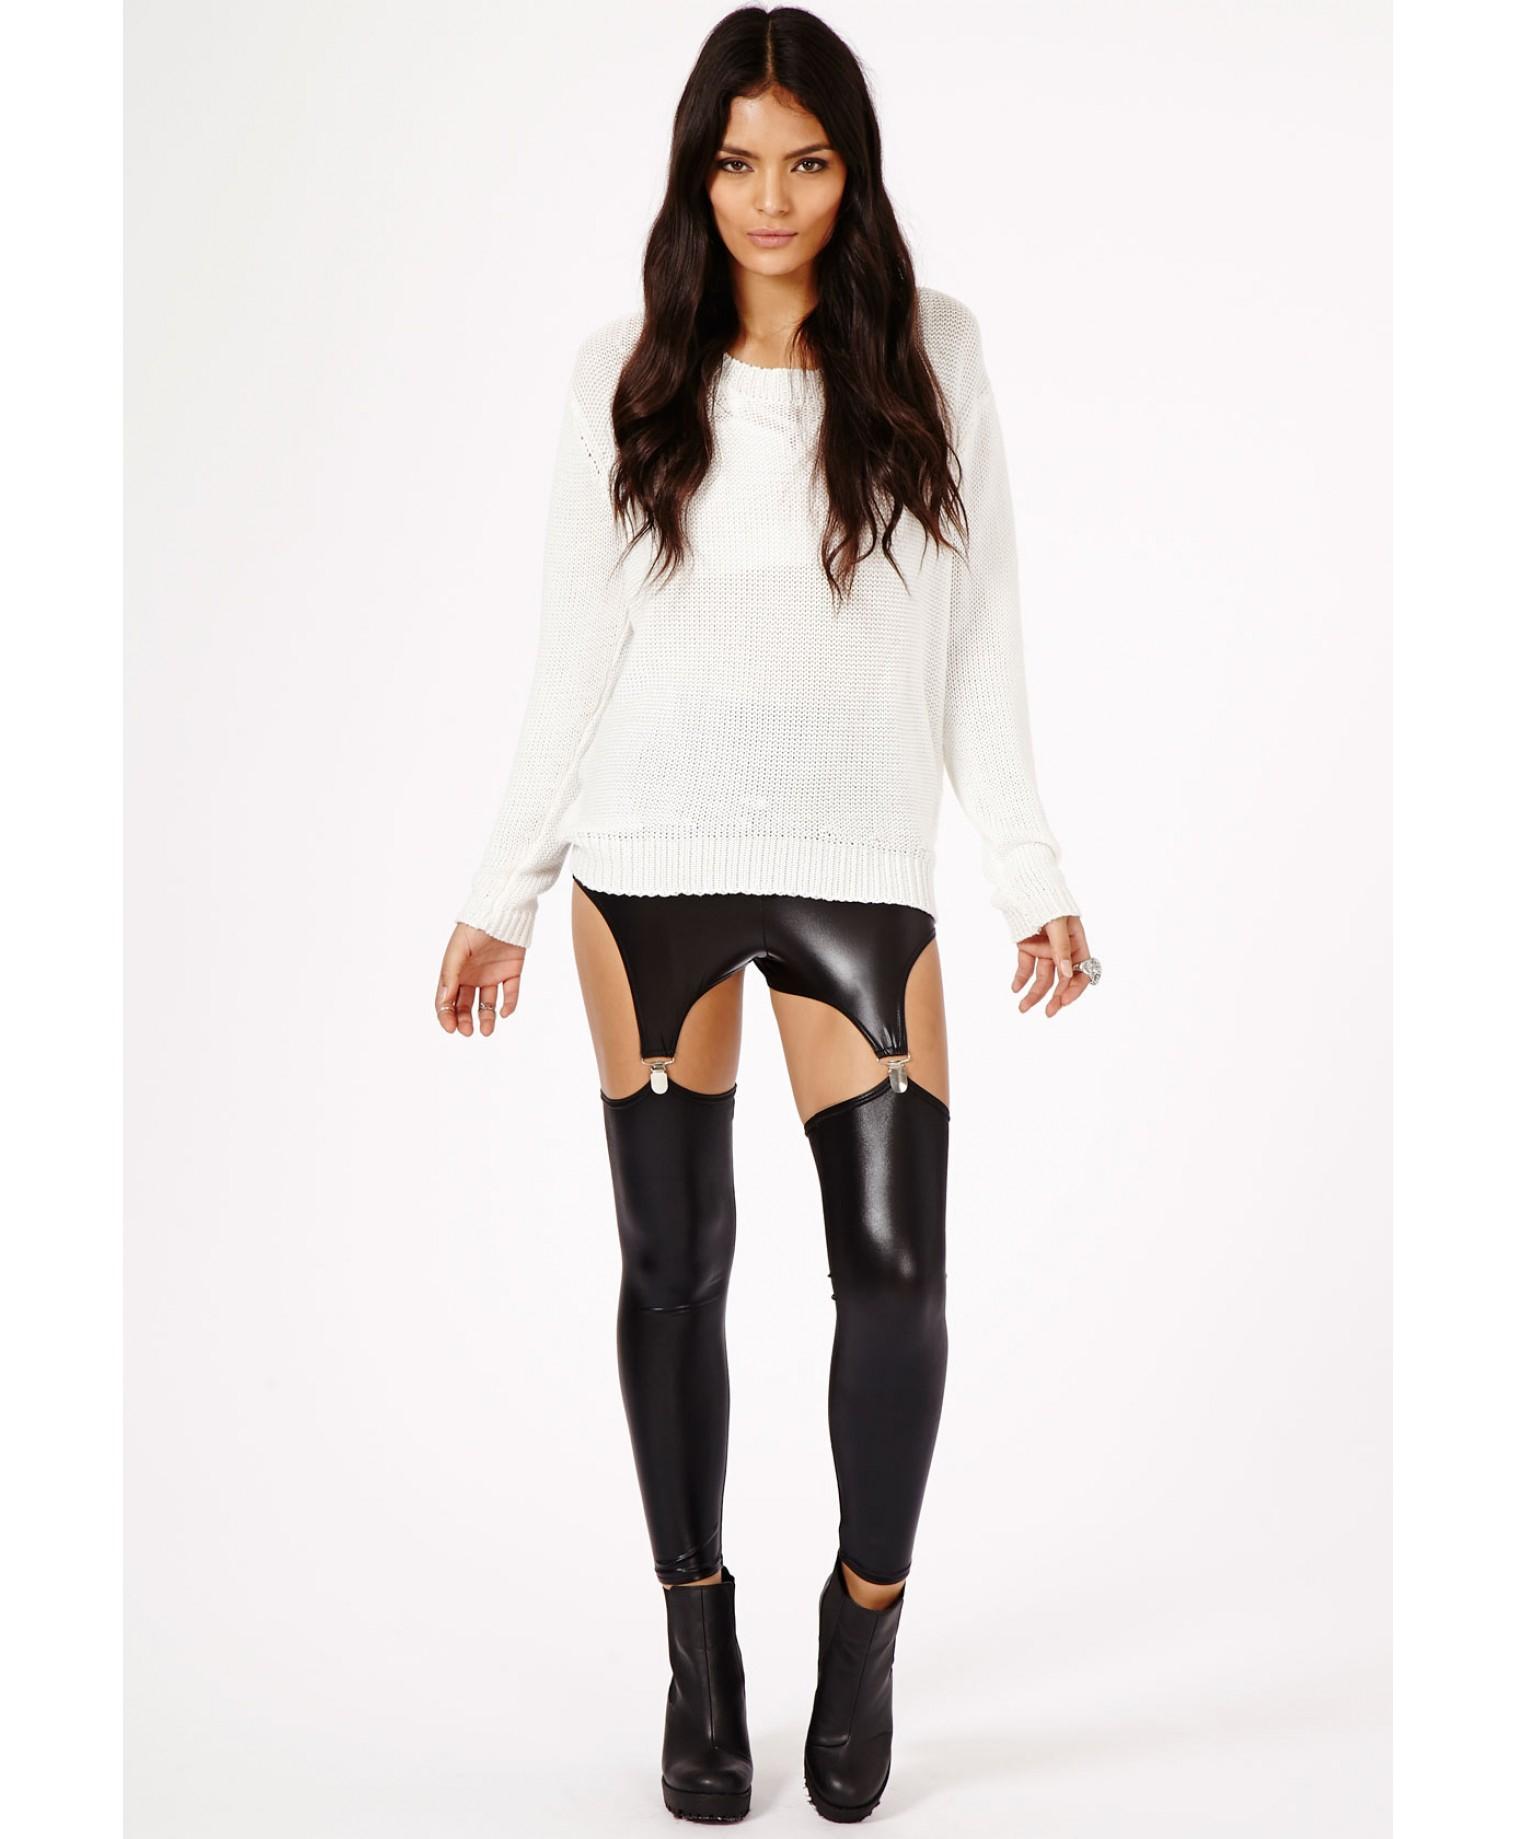 Missguided Posie Wet Look Suspender Leggings In Black - Lyst-2867